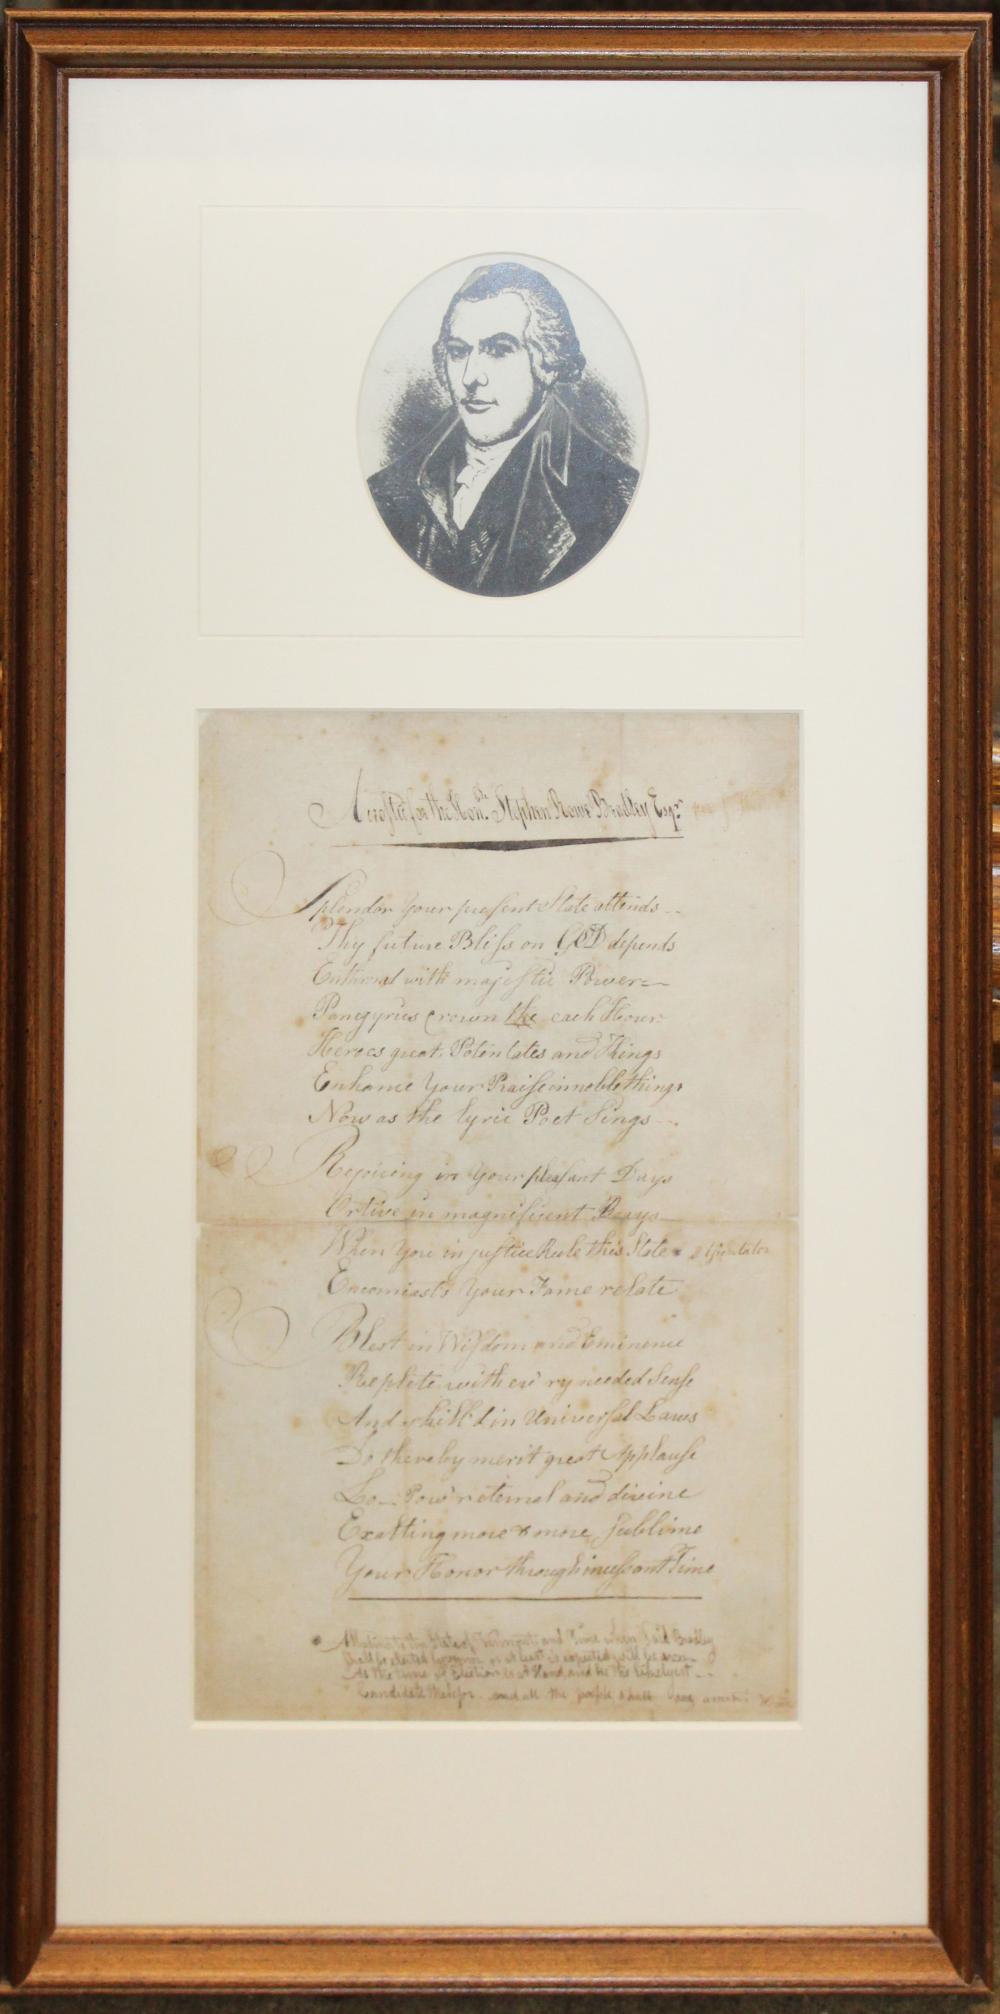 1789 acrostic written for Stephen Rowe Bradley